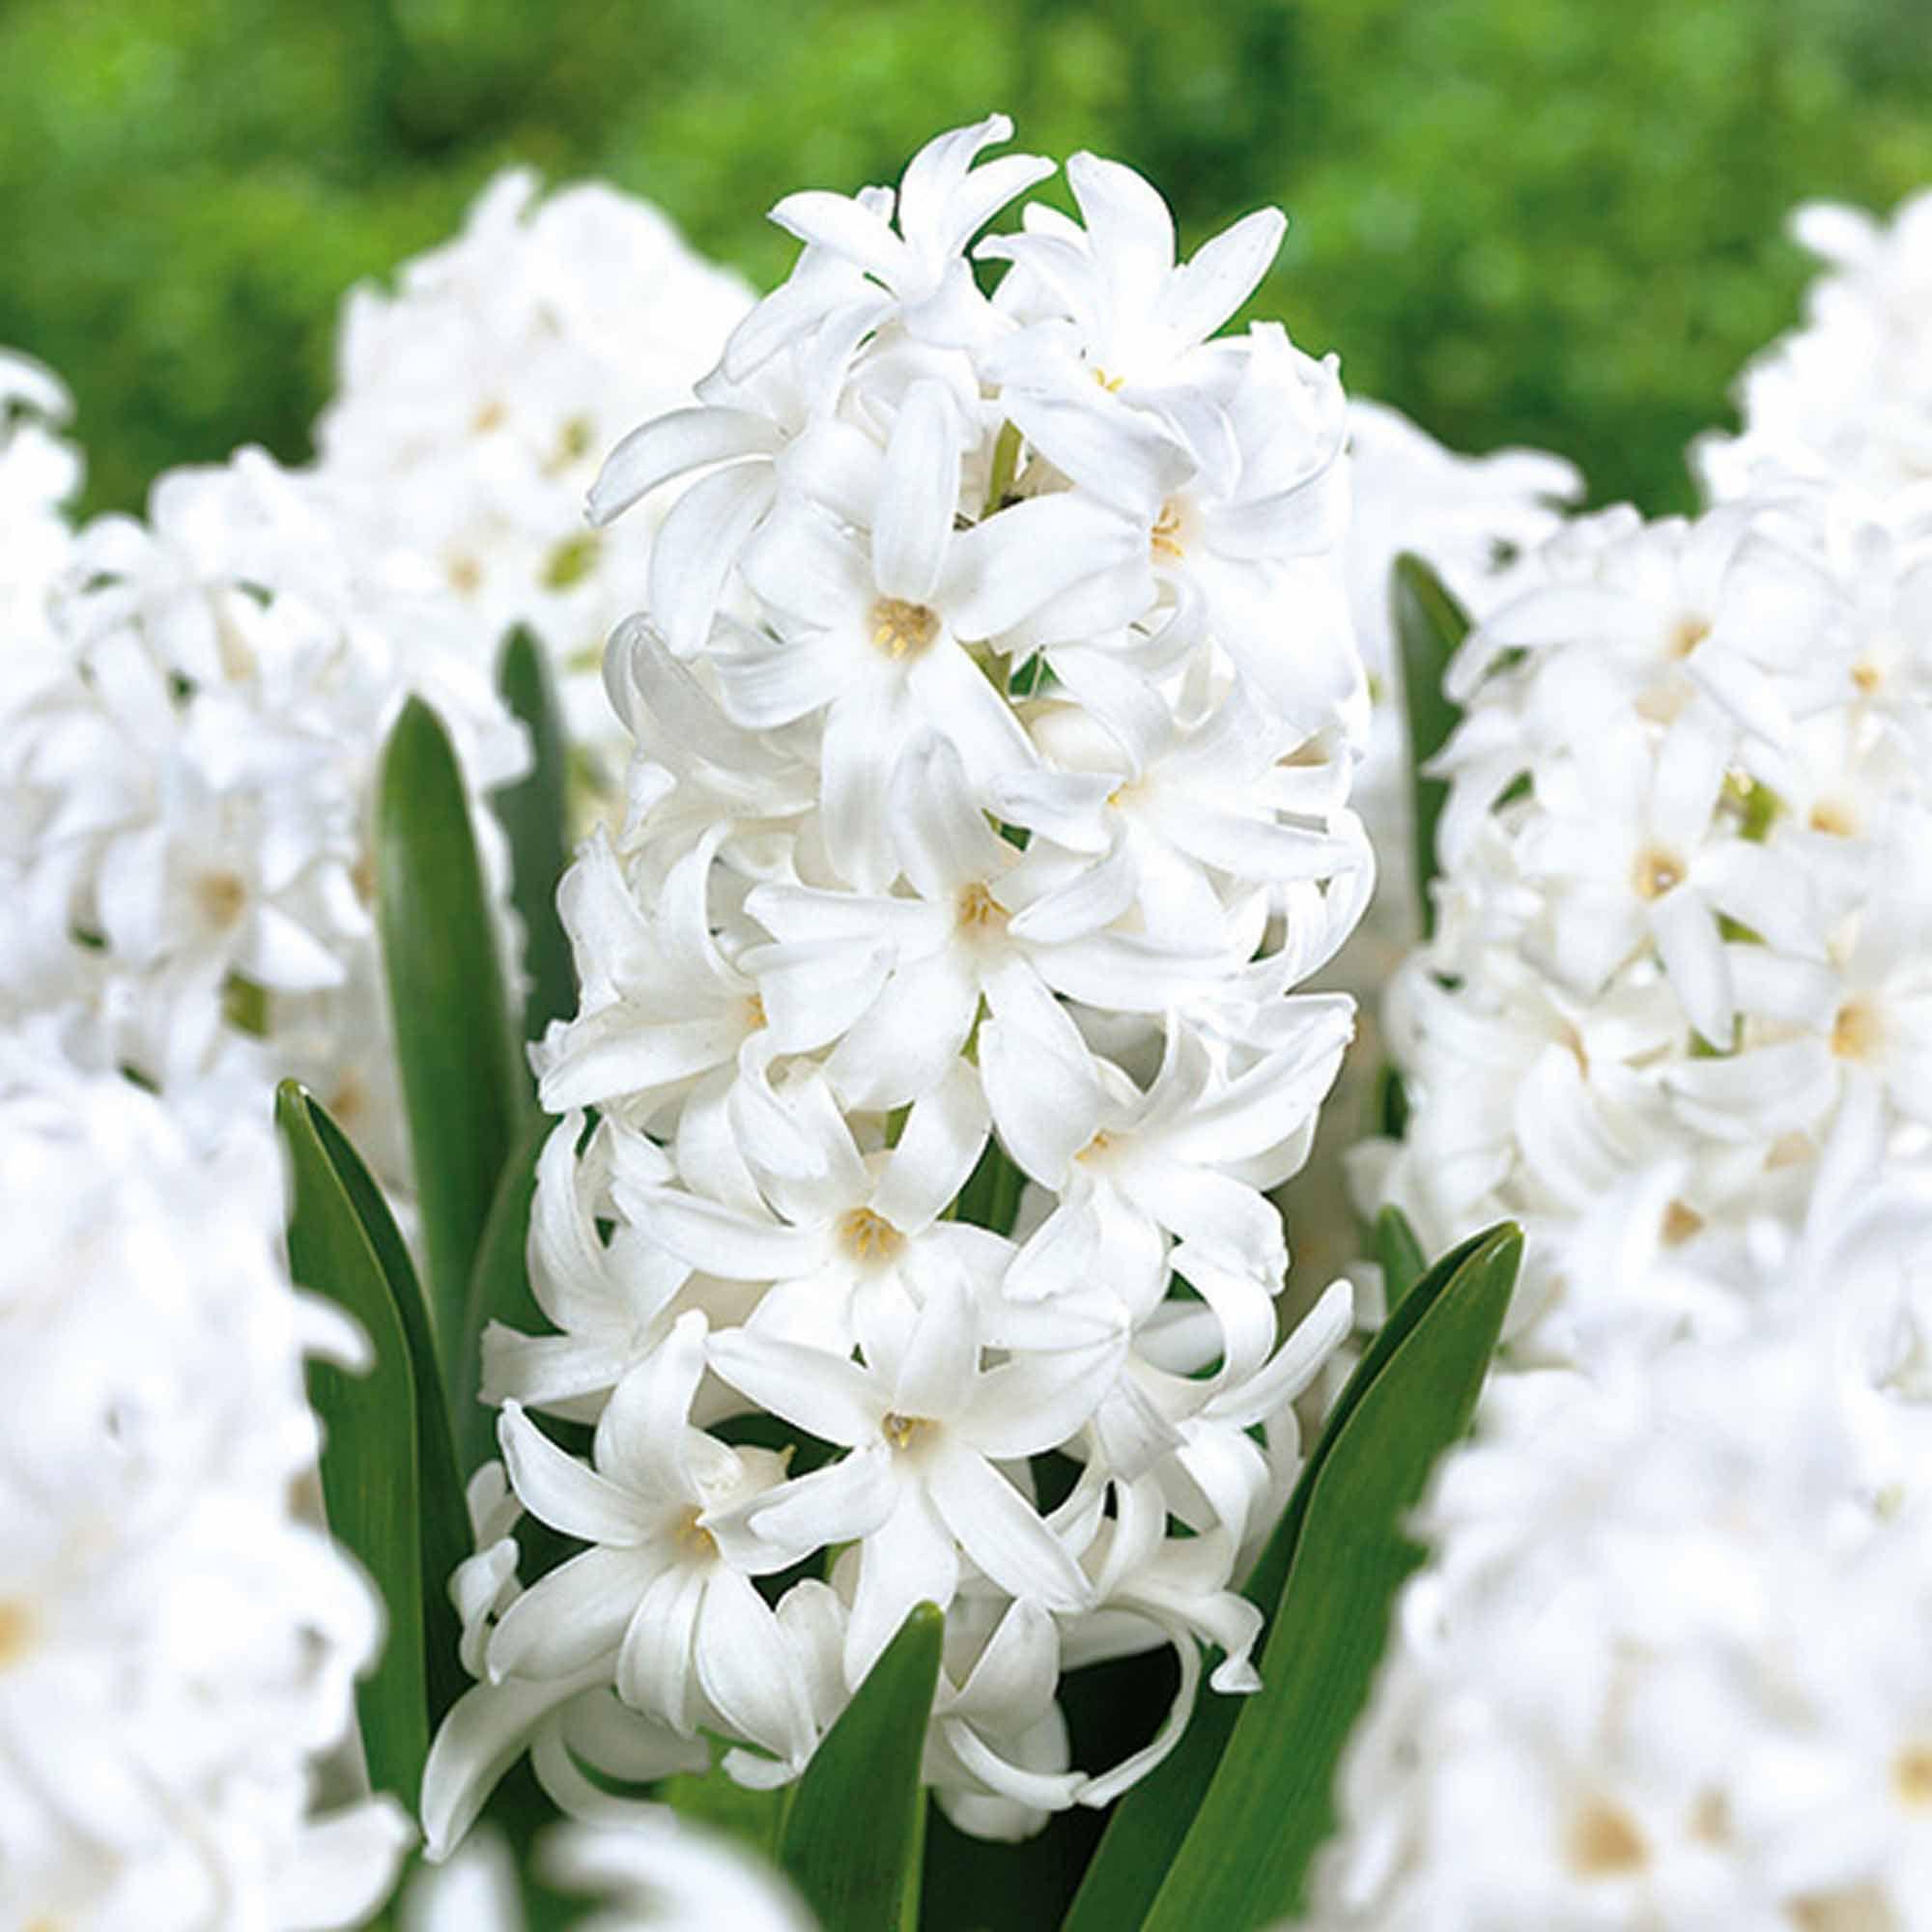 Hyacinths Carnegie Hyacinthus Orientalis Bulbs